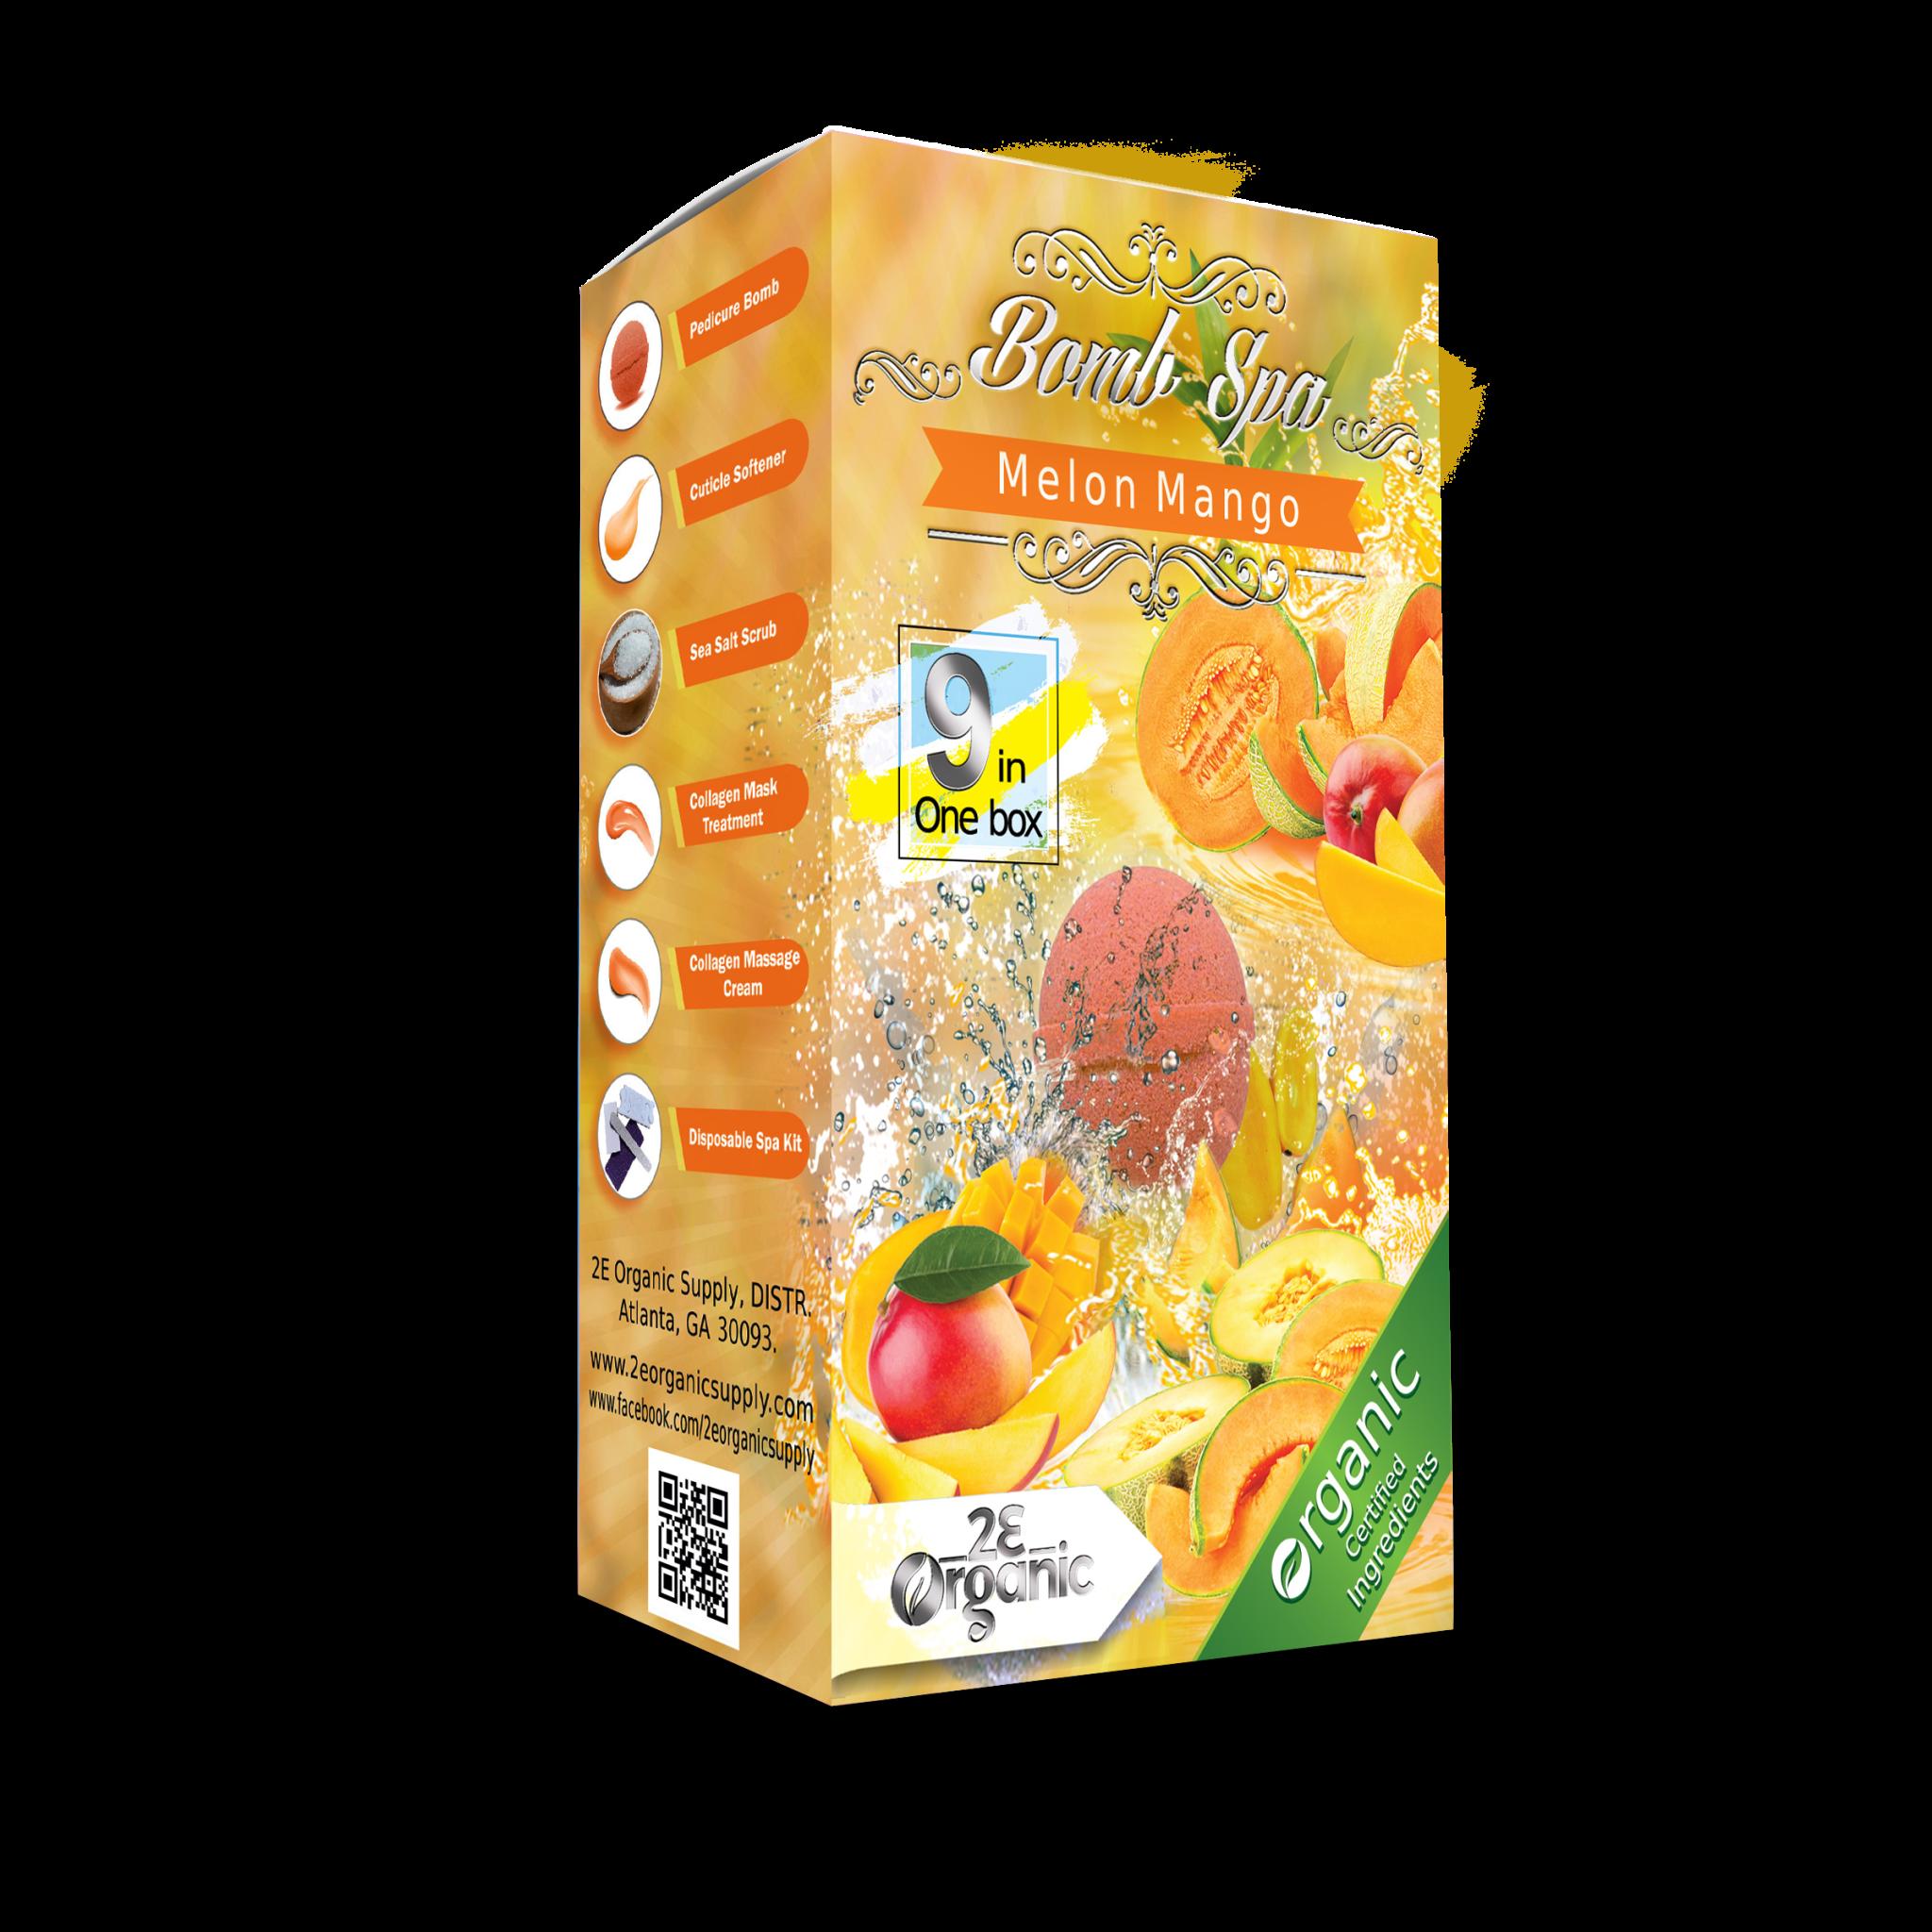 2E Organic 9 in 1 Bomb Spa Melon Mango Single